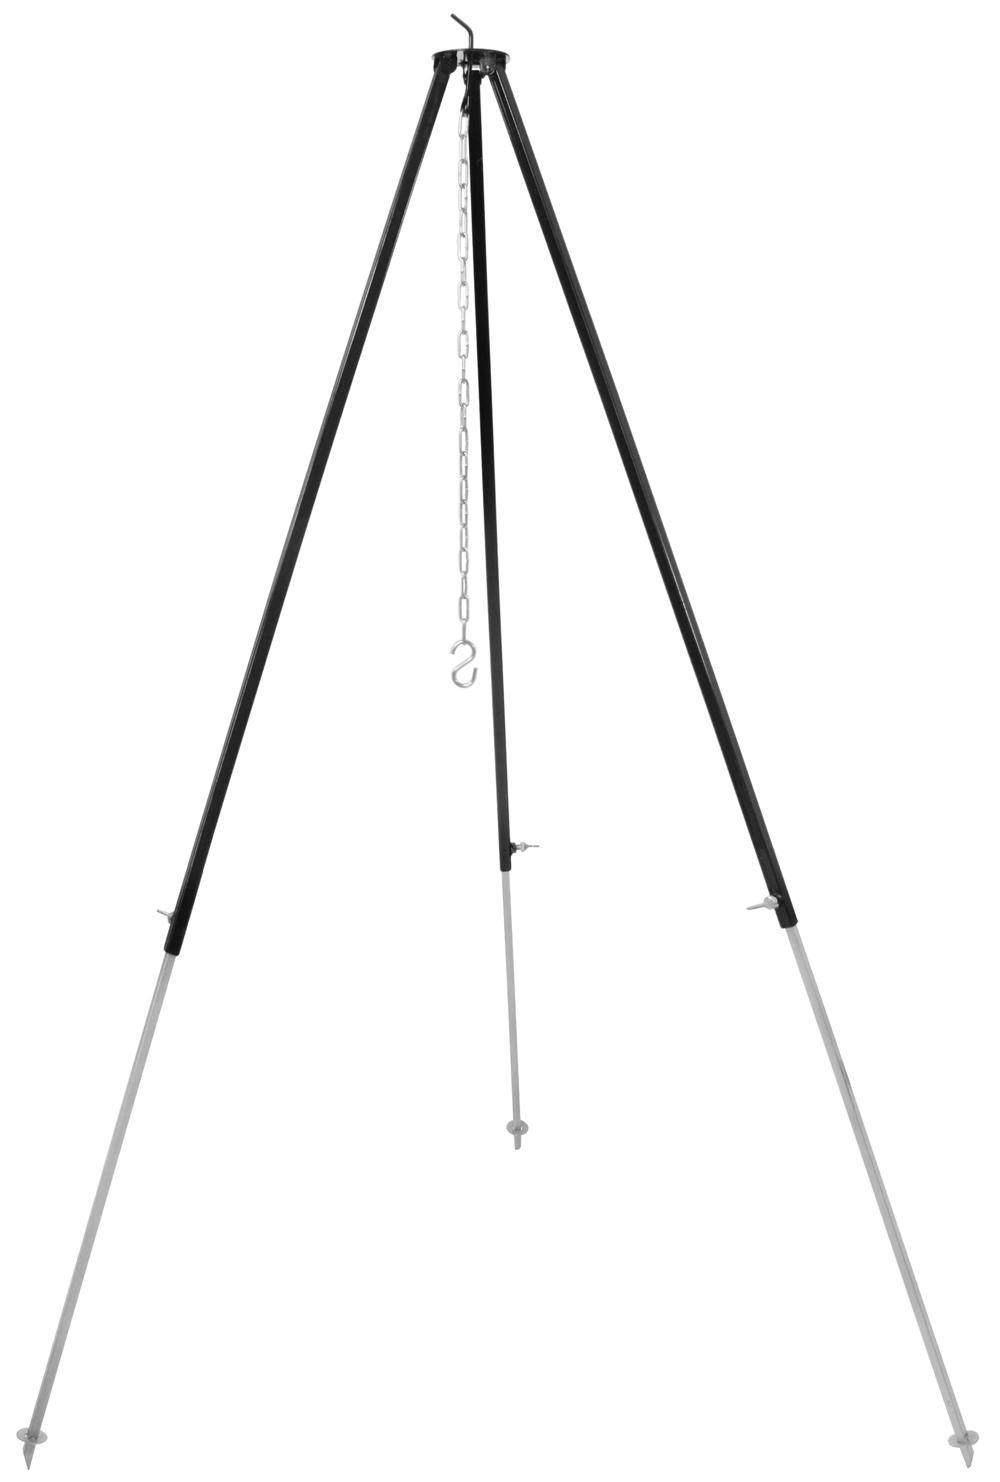 gulaschkessel dreibein 180 cm f r kesselgulasch schwenkgrill und feuerstelle ebay. Black Bedroom Furniture Sets. Home Design Ideas